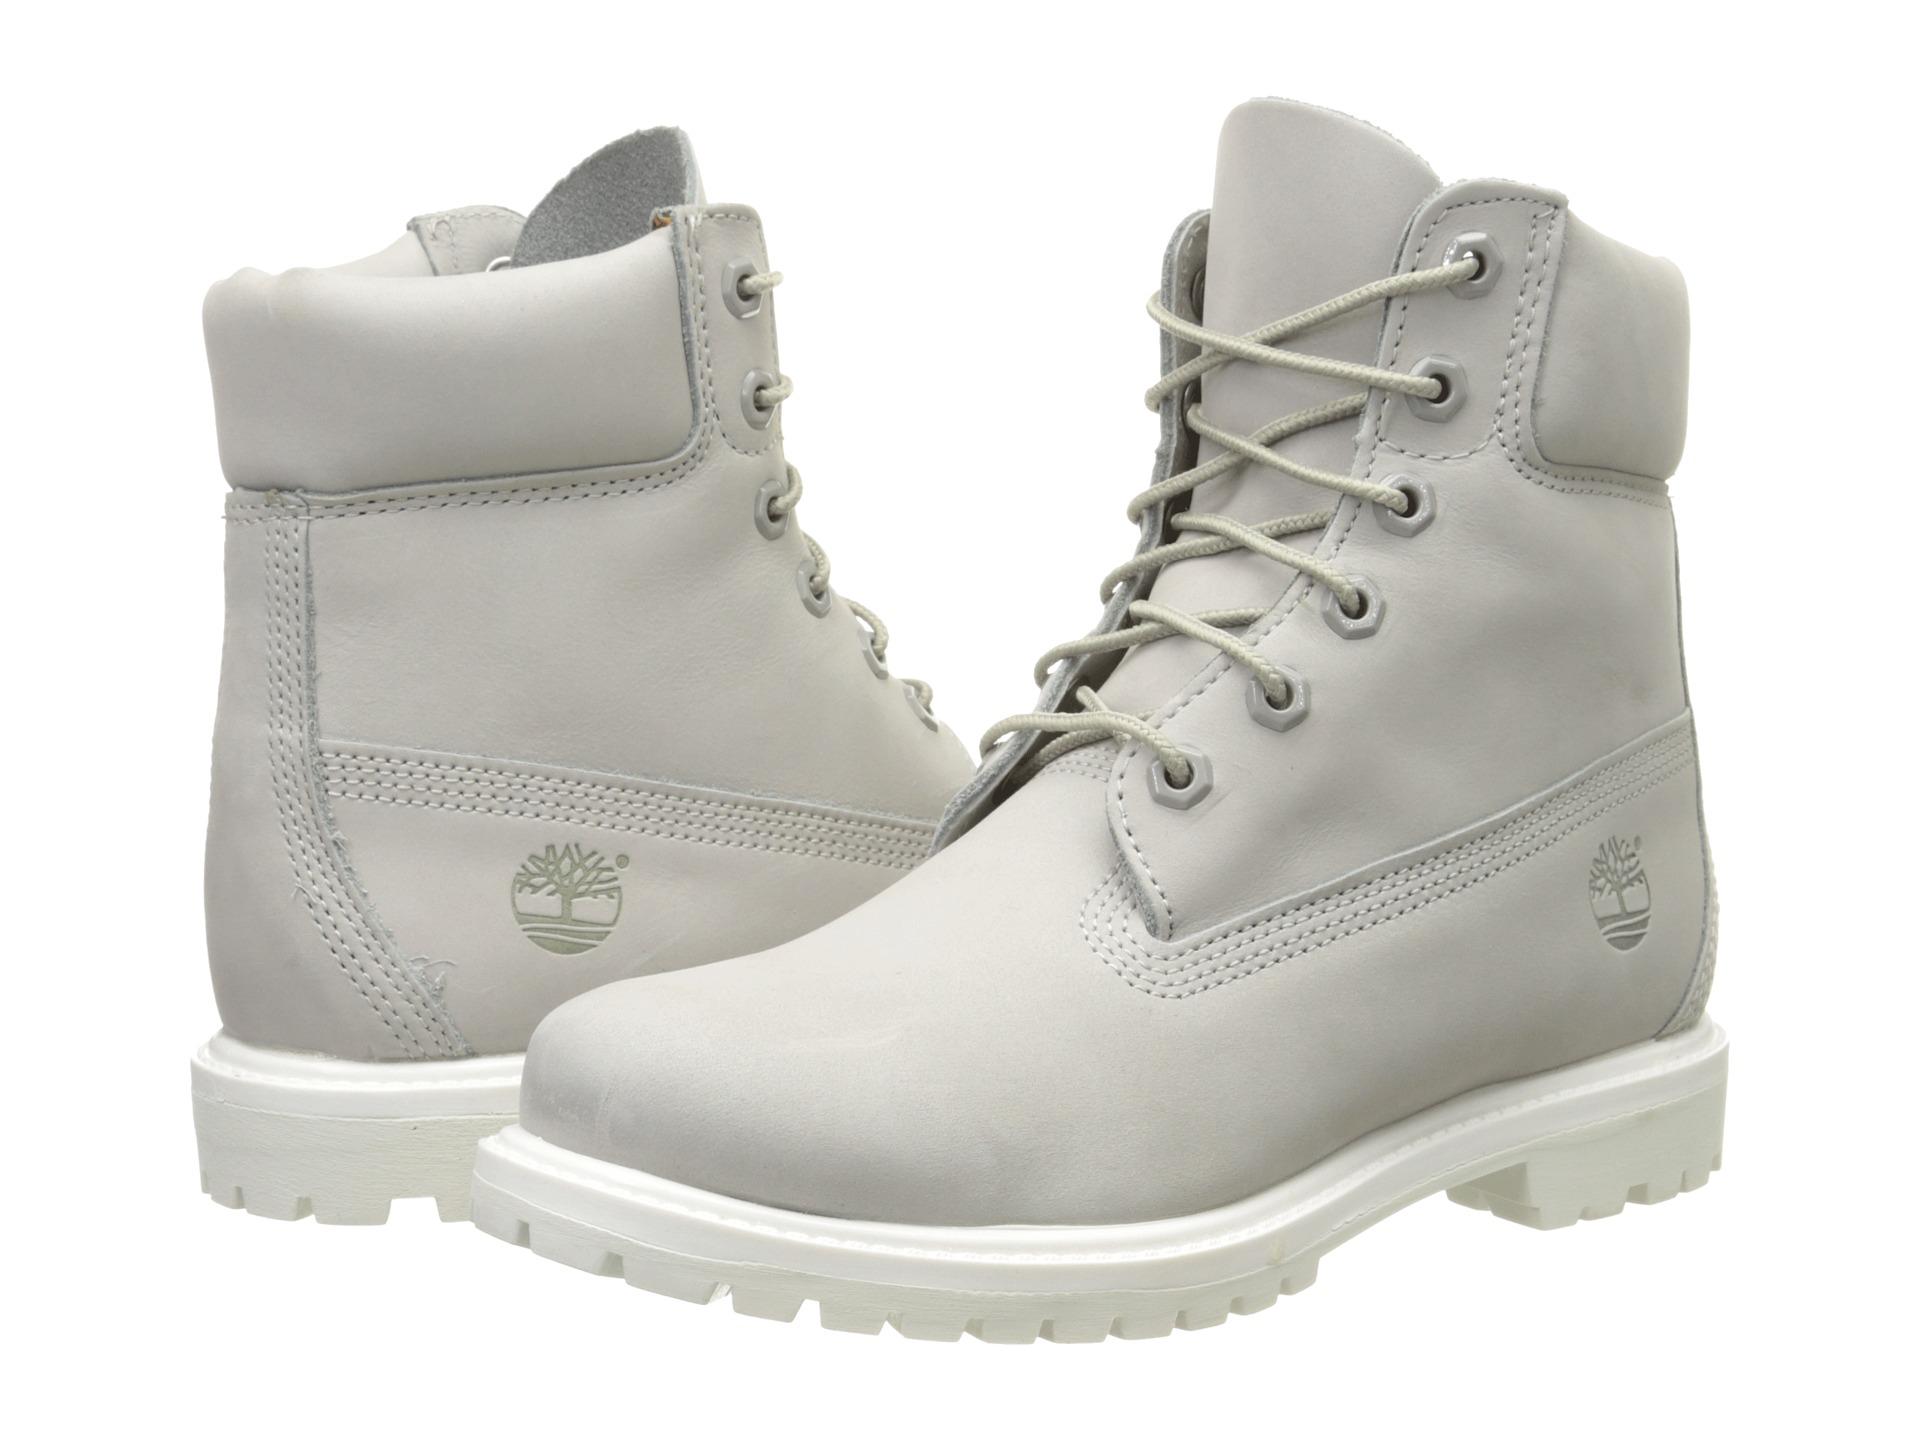 Timberland 6 Premium Boot Light Grey Nubuck Zapposcom